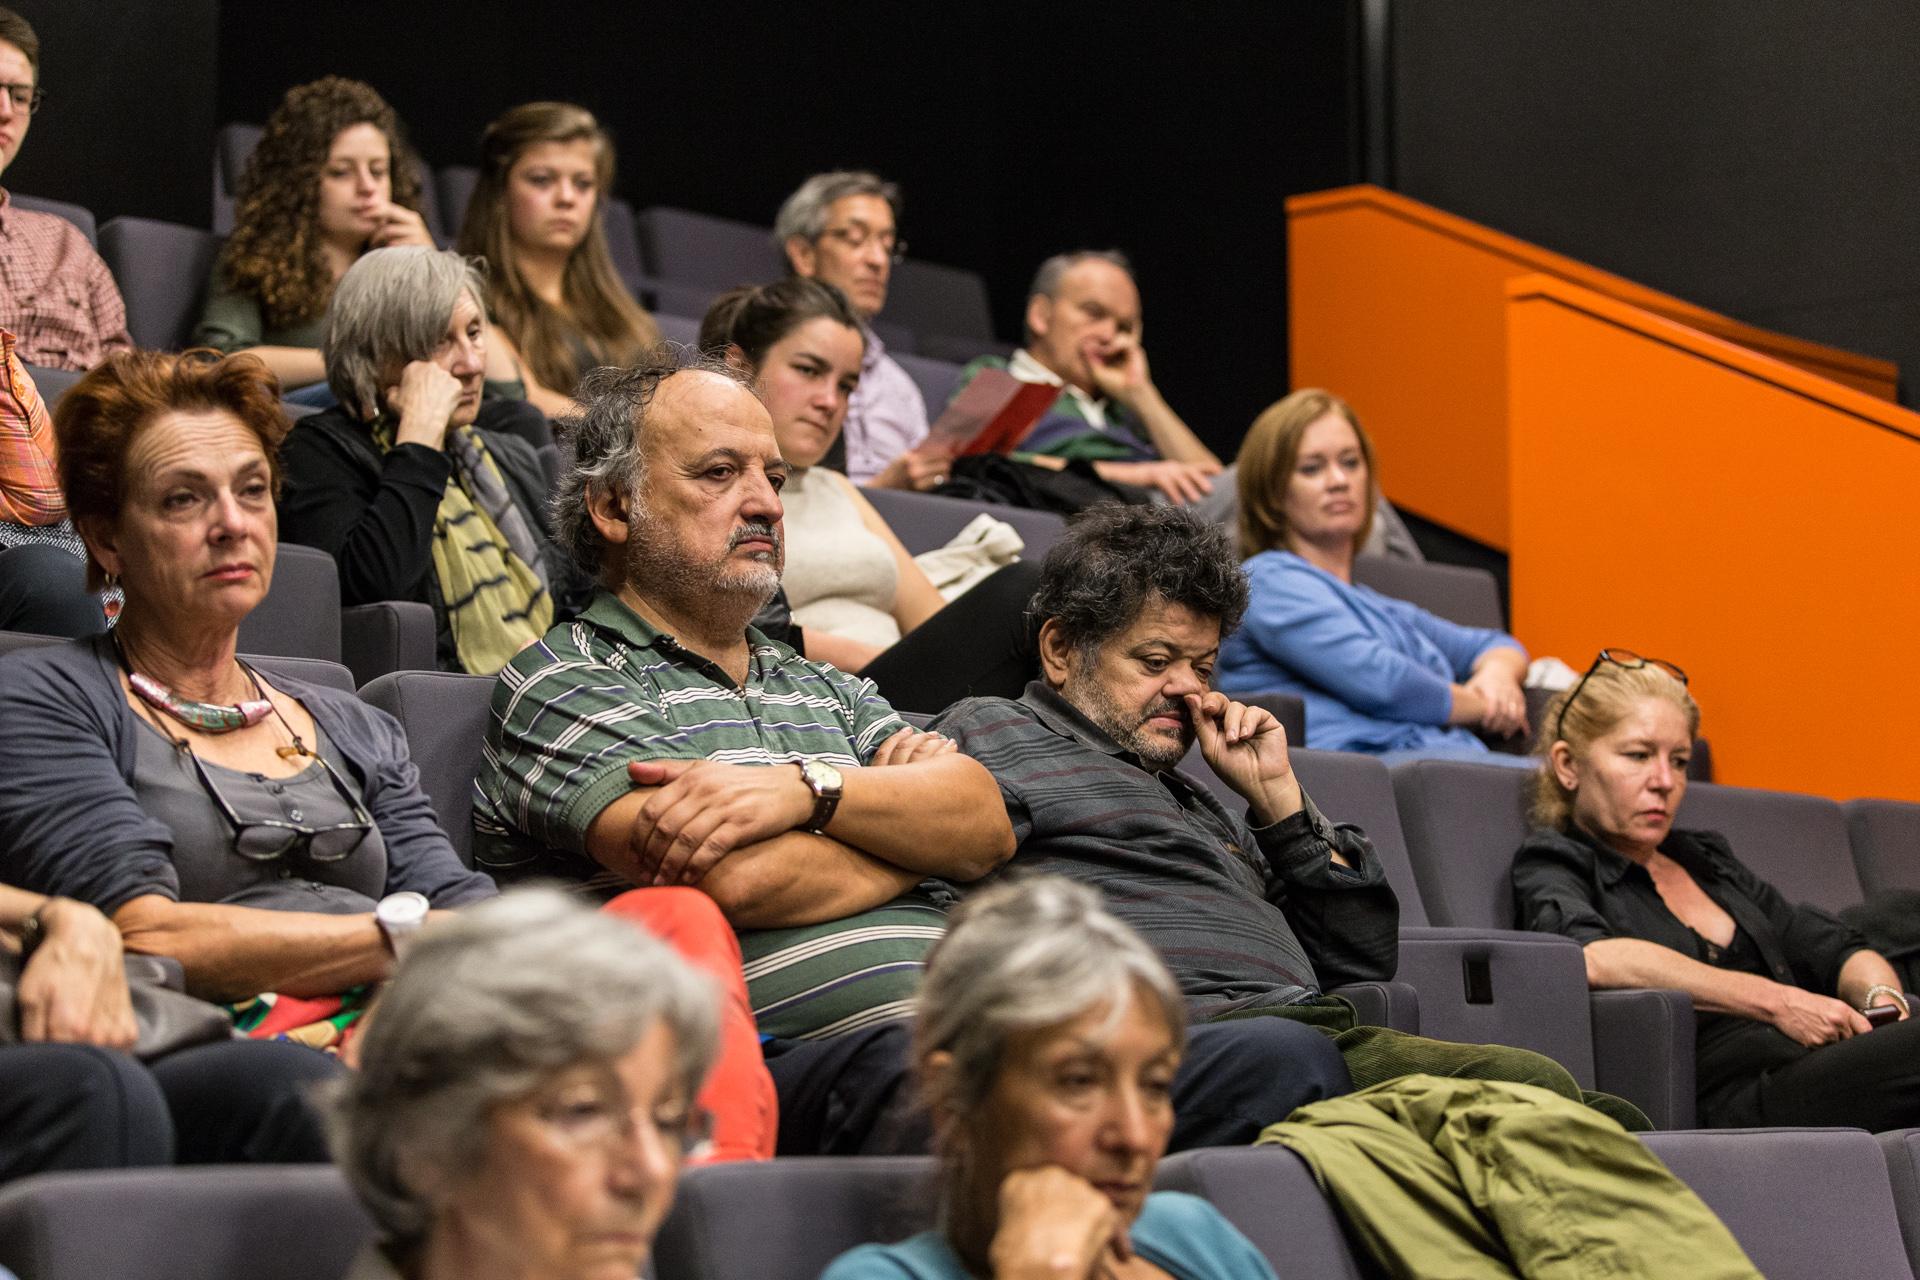 Rencontres internationales de Genève 2017 - Résister, écrire, imaginer - Projection Grütli - Le Manuscrit de Saragosse